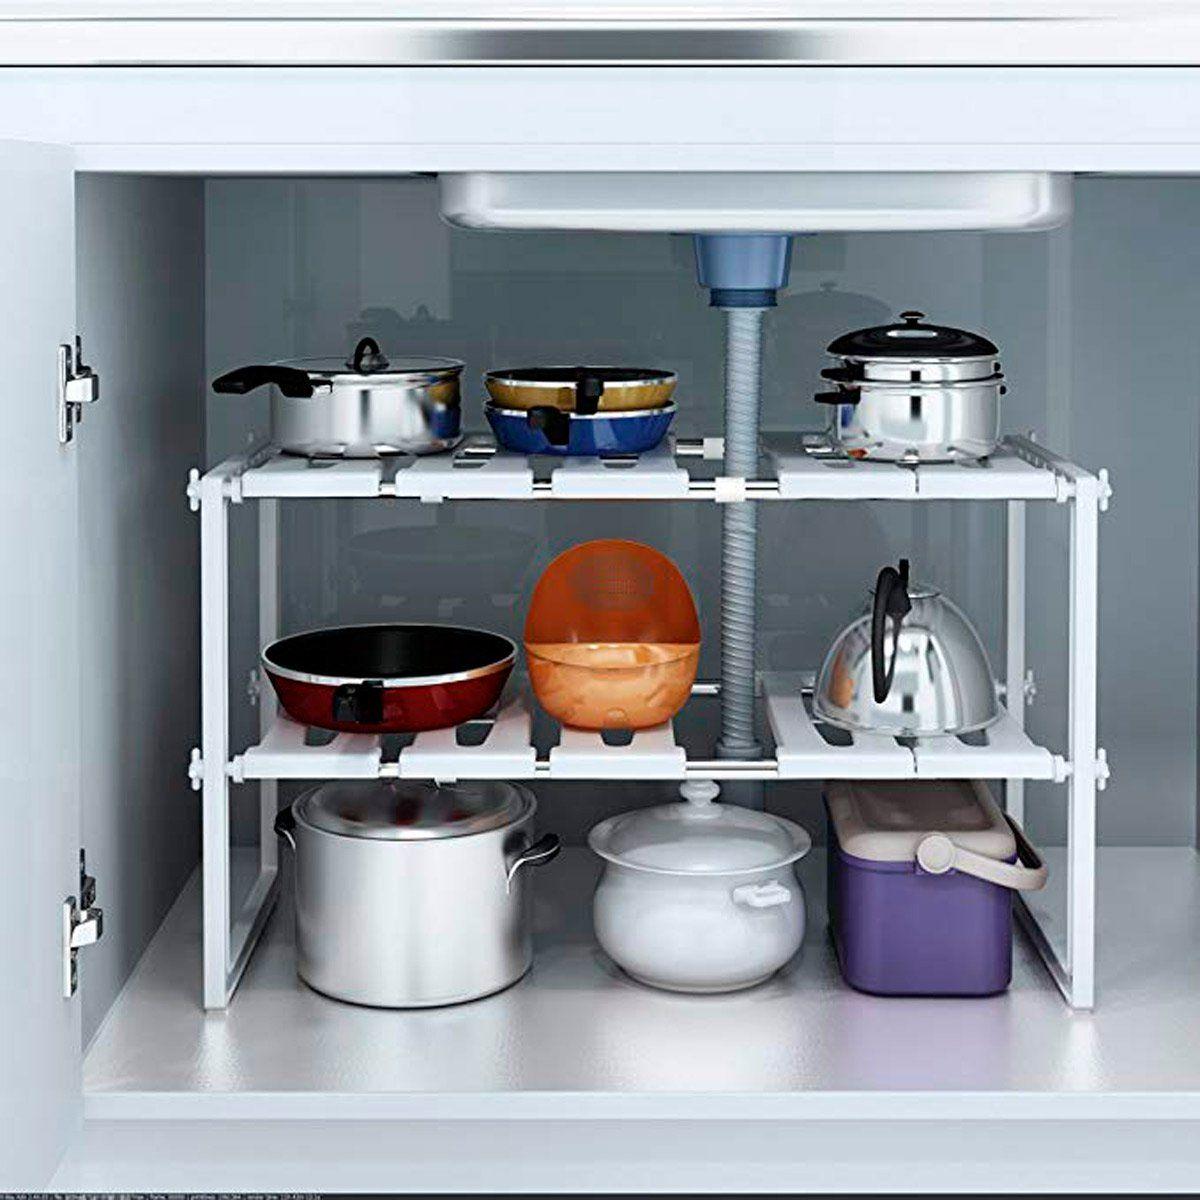 20 Compact Kitchen Organizers Under 20 Kitchen Sink Rack